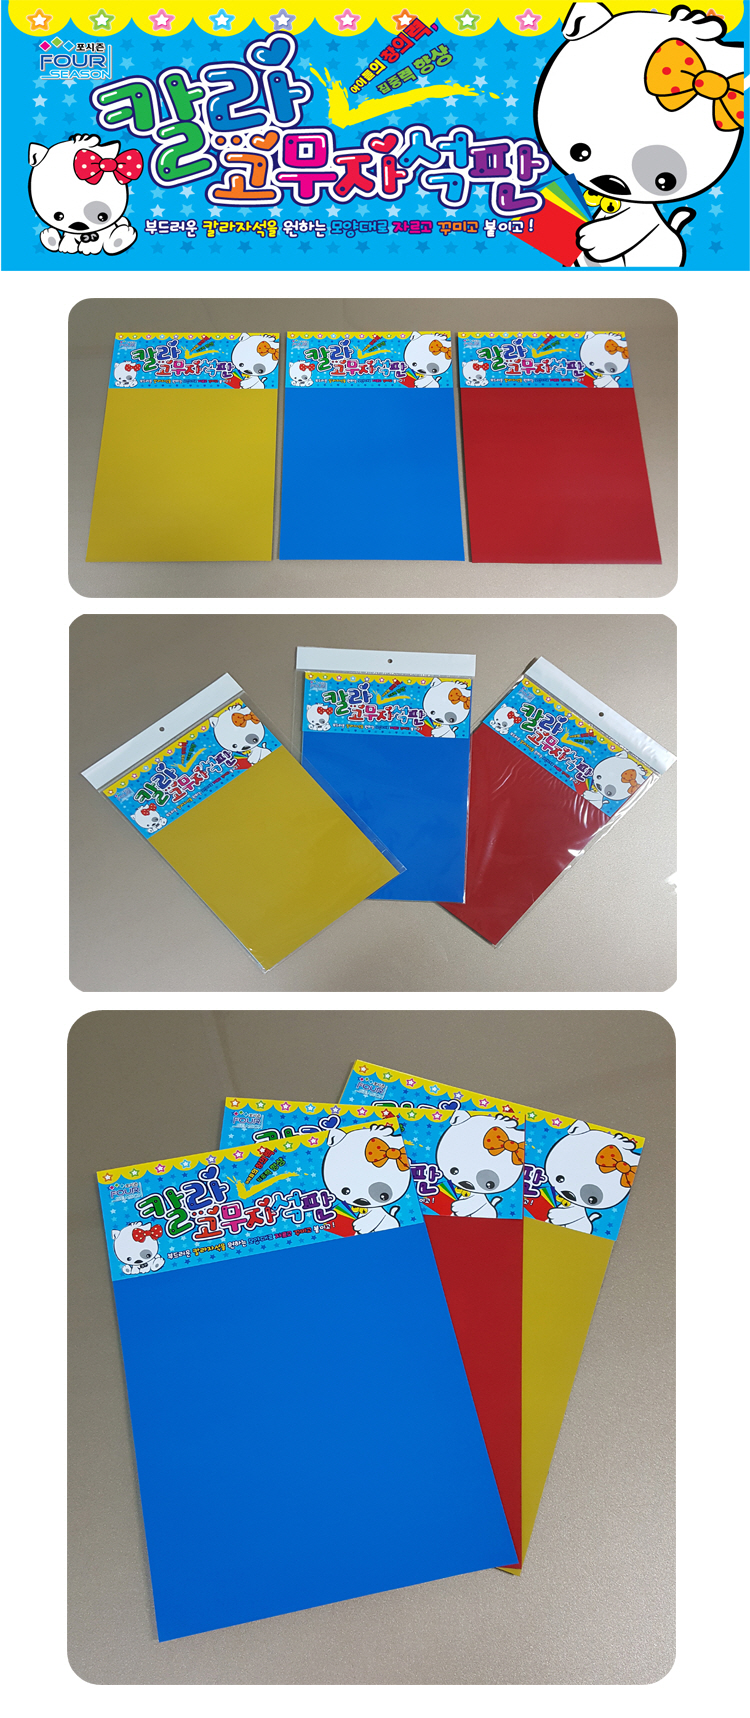 Babosarang 칼라고무자석판 - 포시즌, 1,000원, 교육용, 교육용 장난감